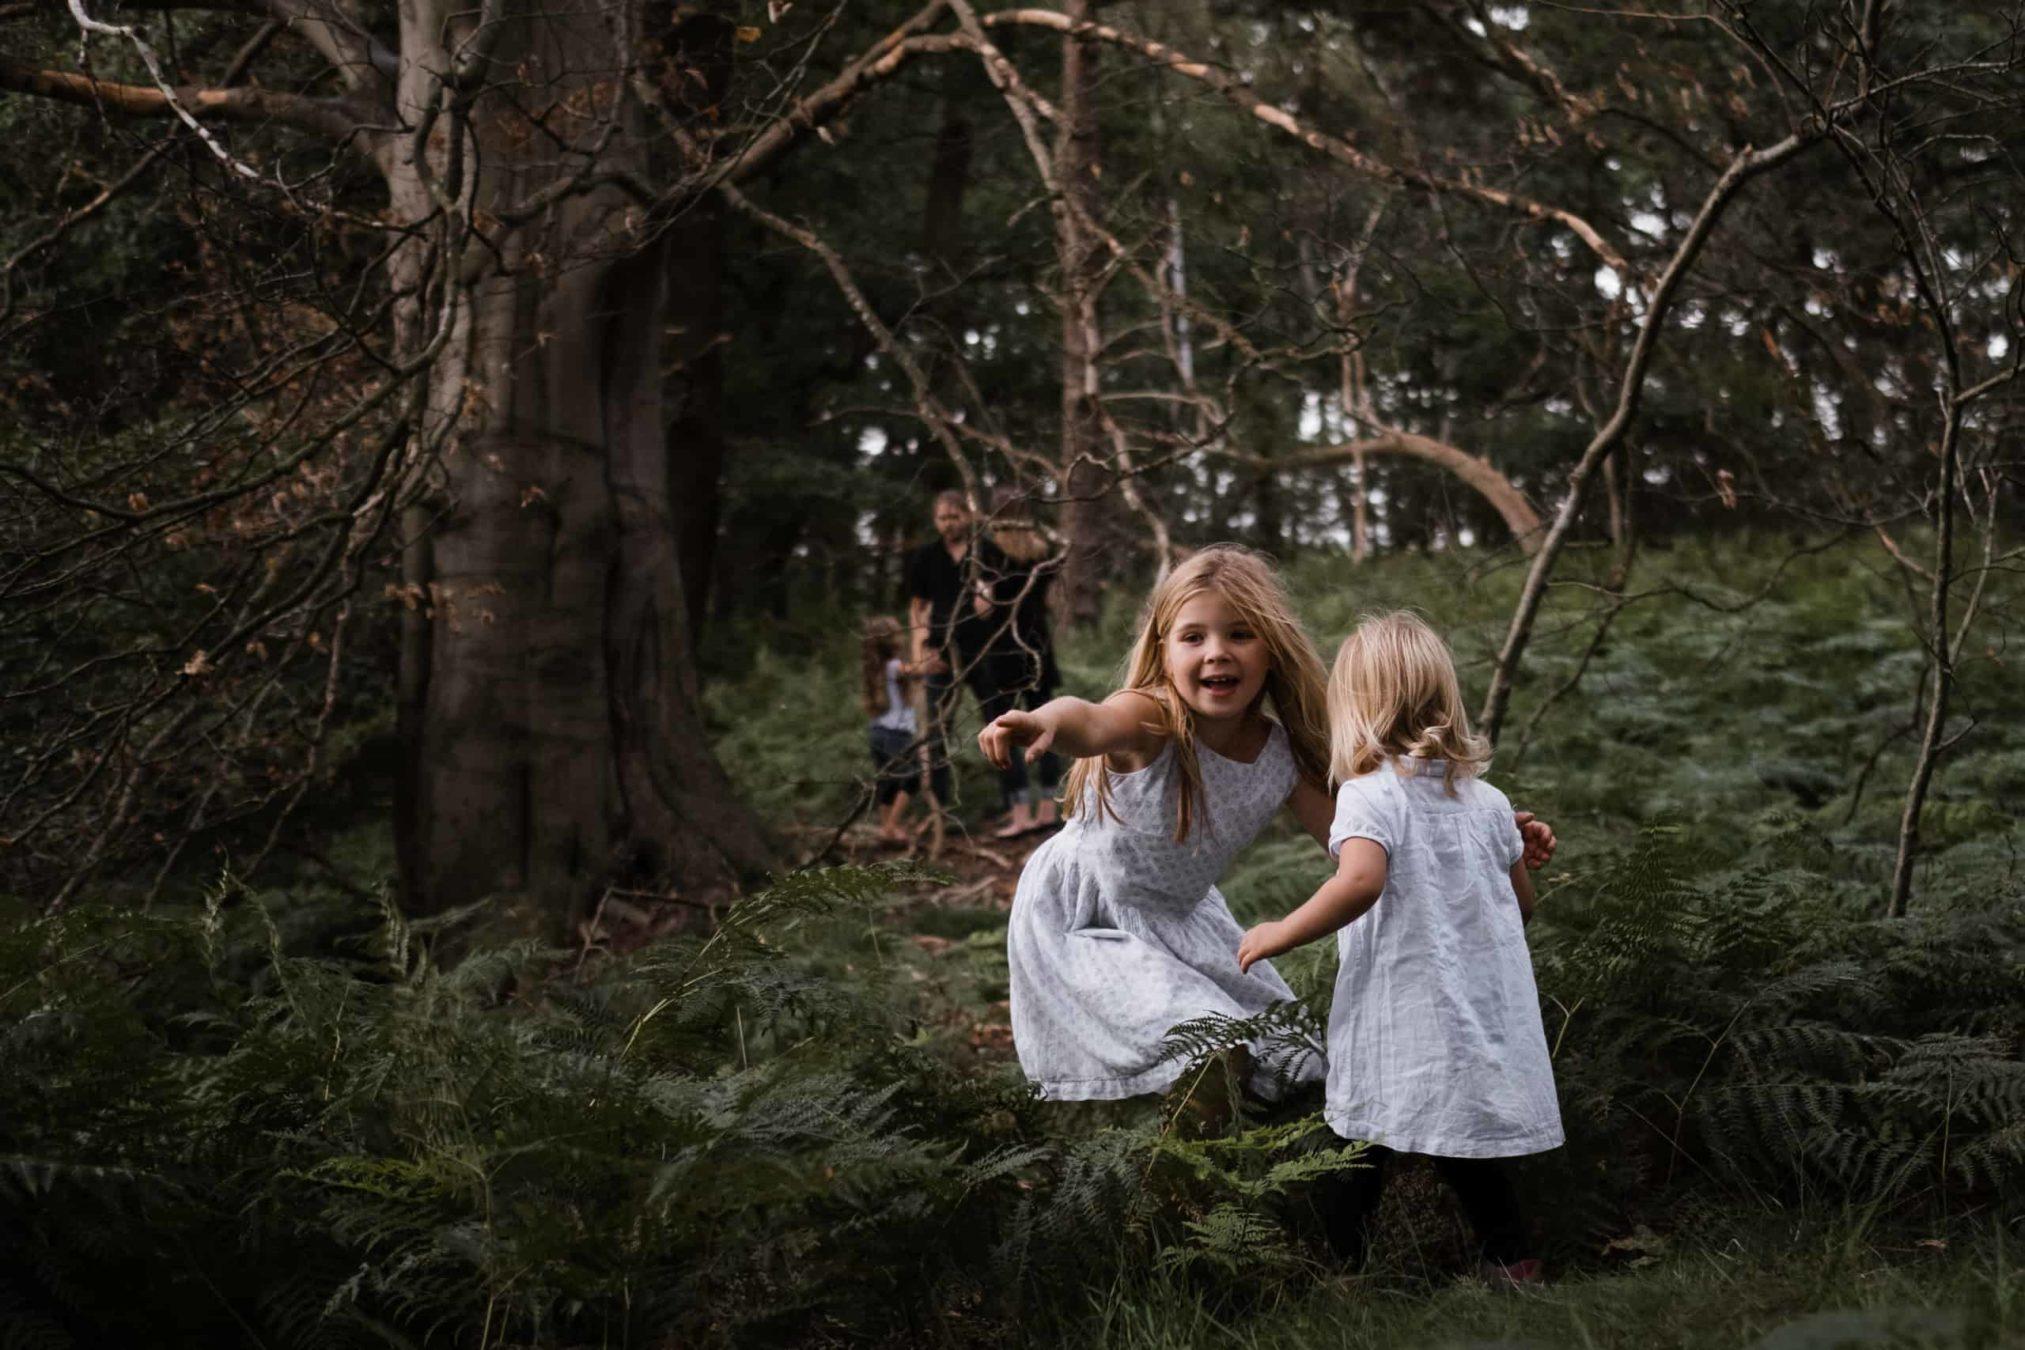 an einem großen Baum im Wald stehen 2 Mädchen, ein Mädchen zeigt mit ihrem Finger in die Ferne, im Hintergrund stehen der Vater und die Mutter ihrer Tochter